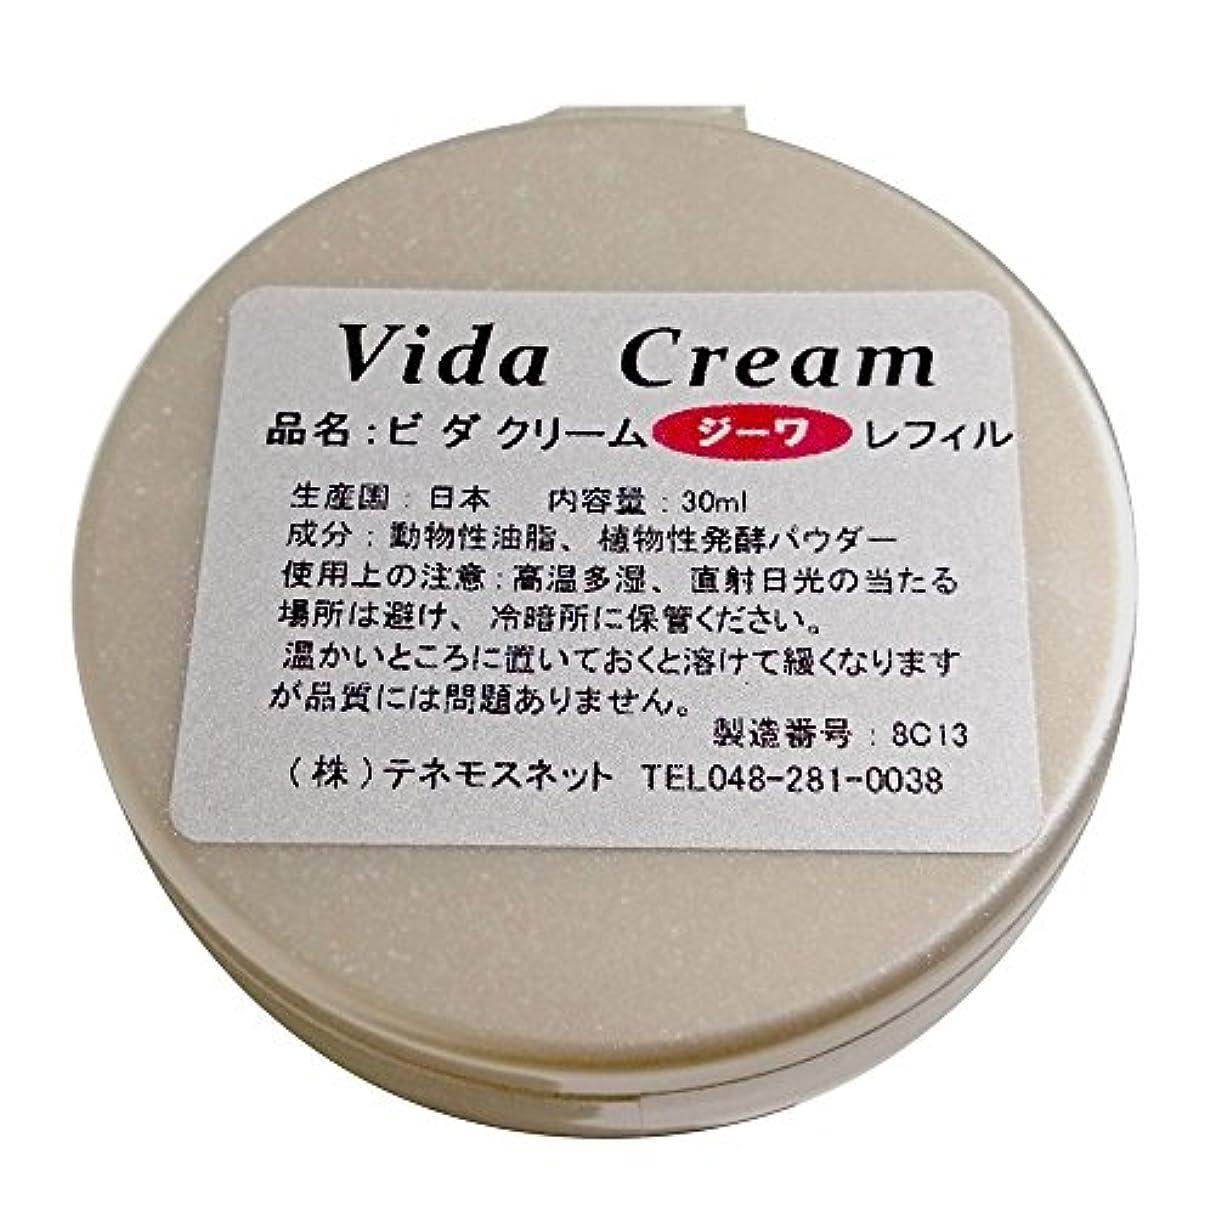 汚れたあなたは疑いテネモス ビダクリーム Vida Cream ジーワ レフィル 付替用 30ml